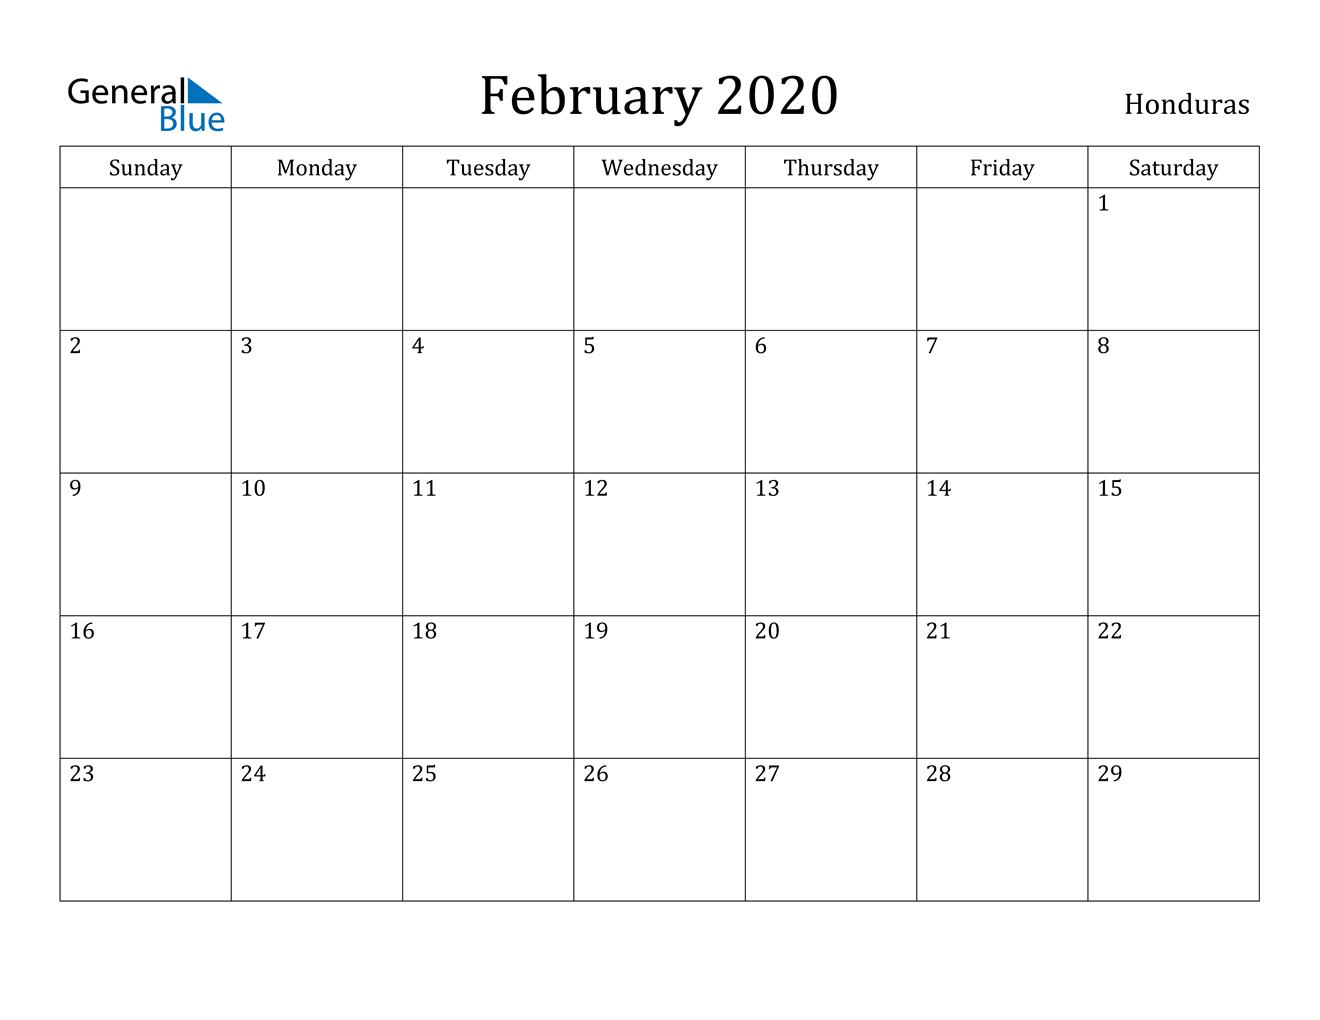 Image of February 2020 Honduras Calendar with Holidays Calendar